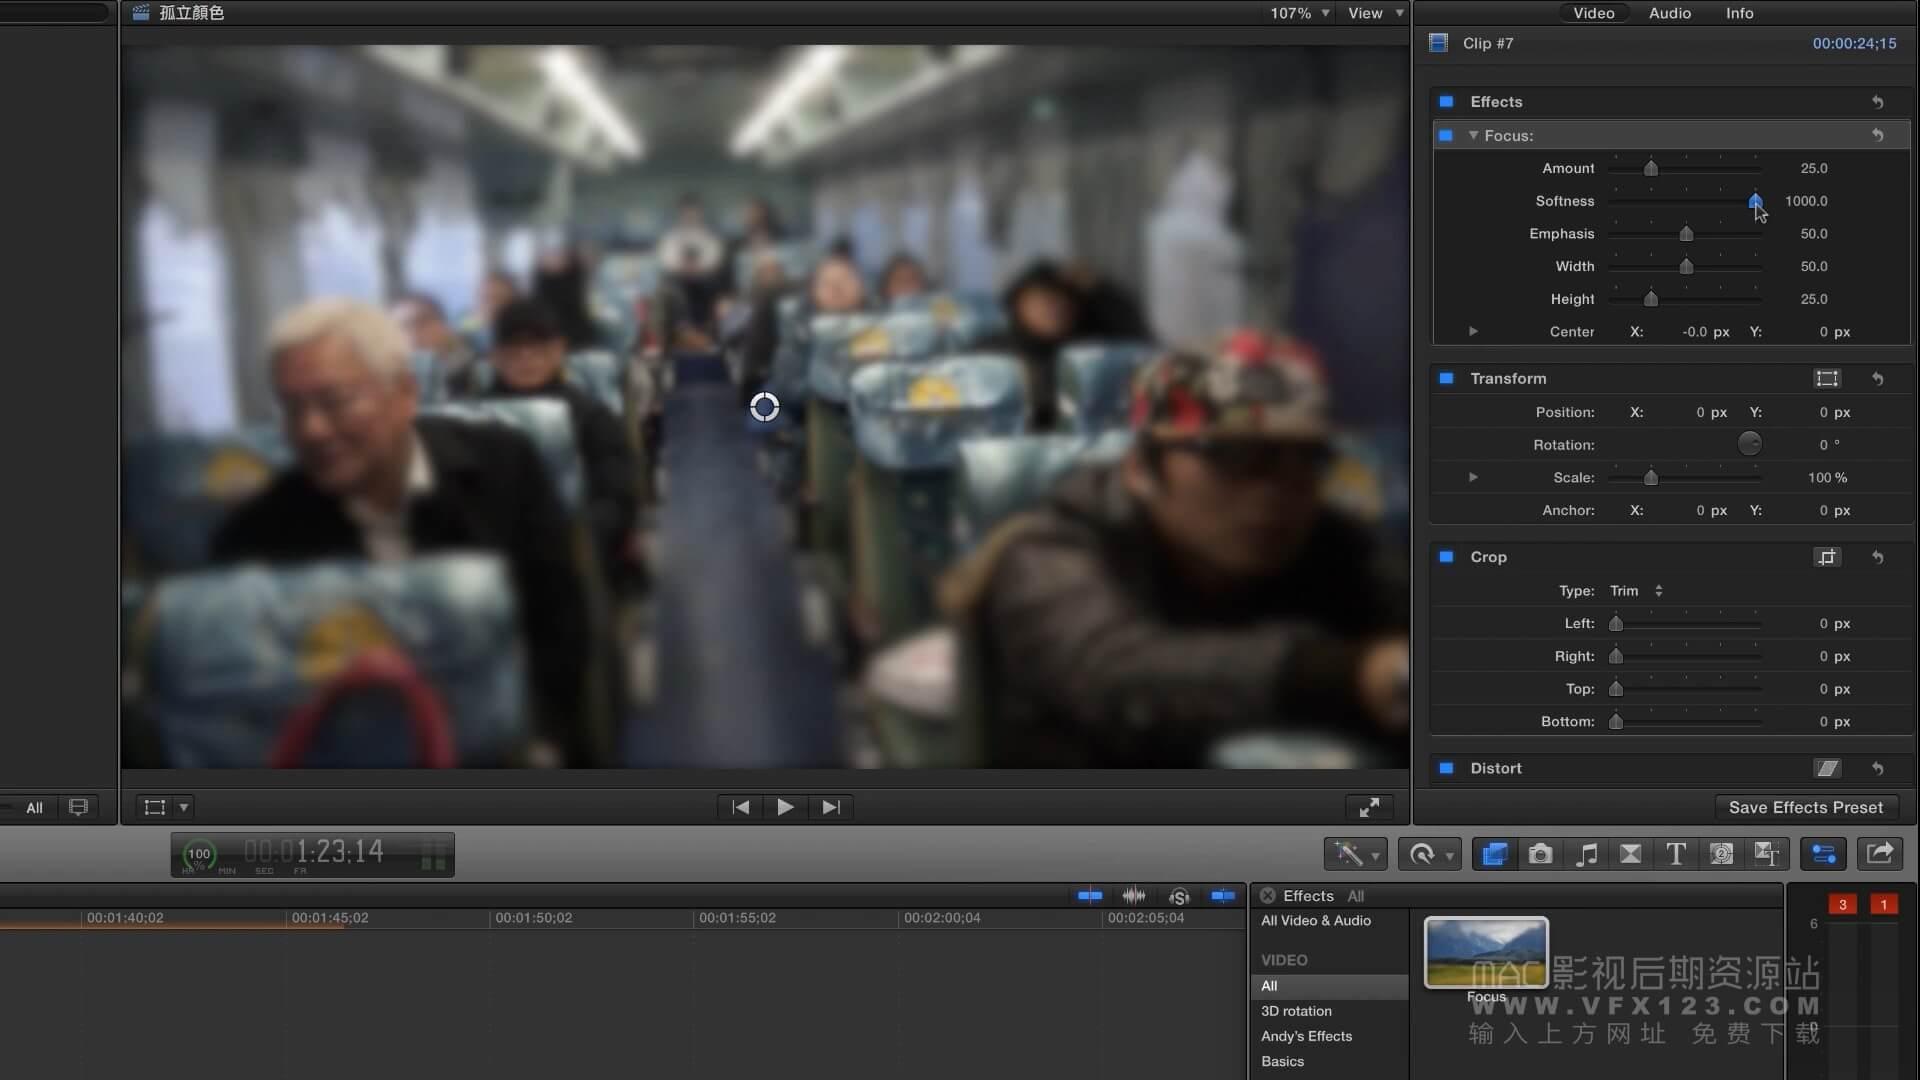 第35课: 在Final Cut Pro X中利用Focus制作模糊失焦效果